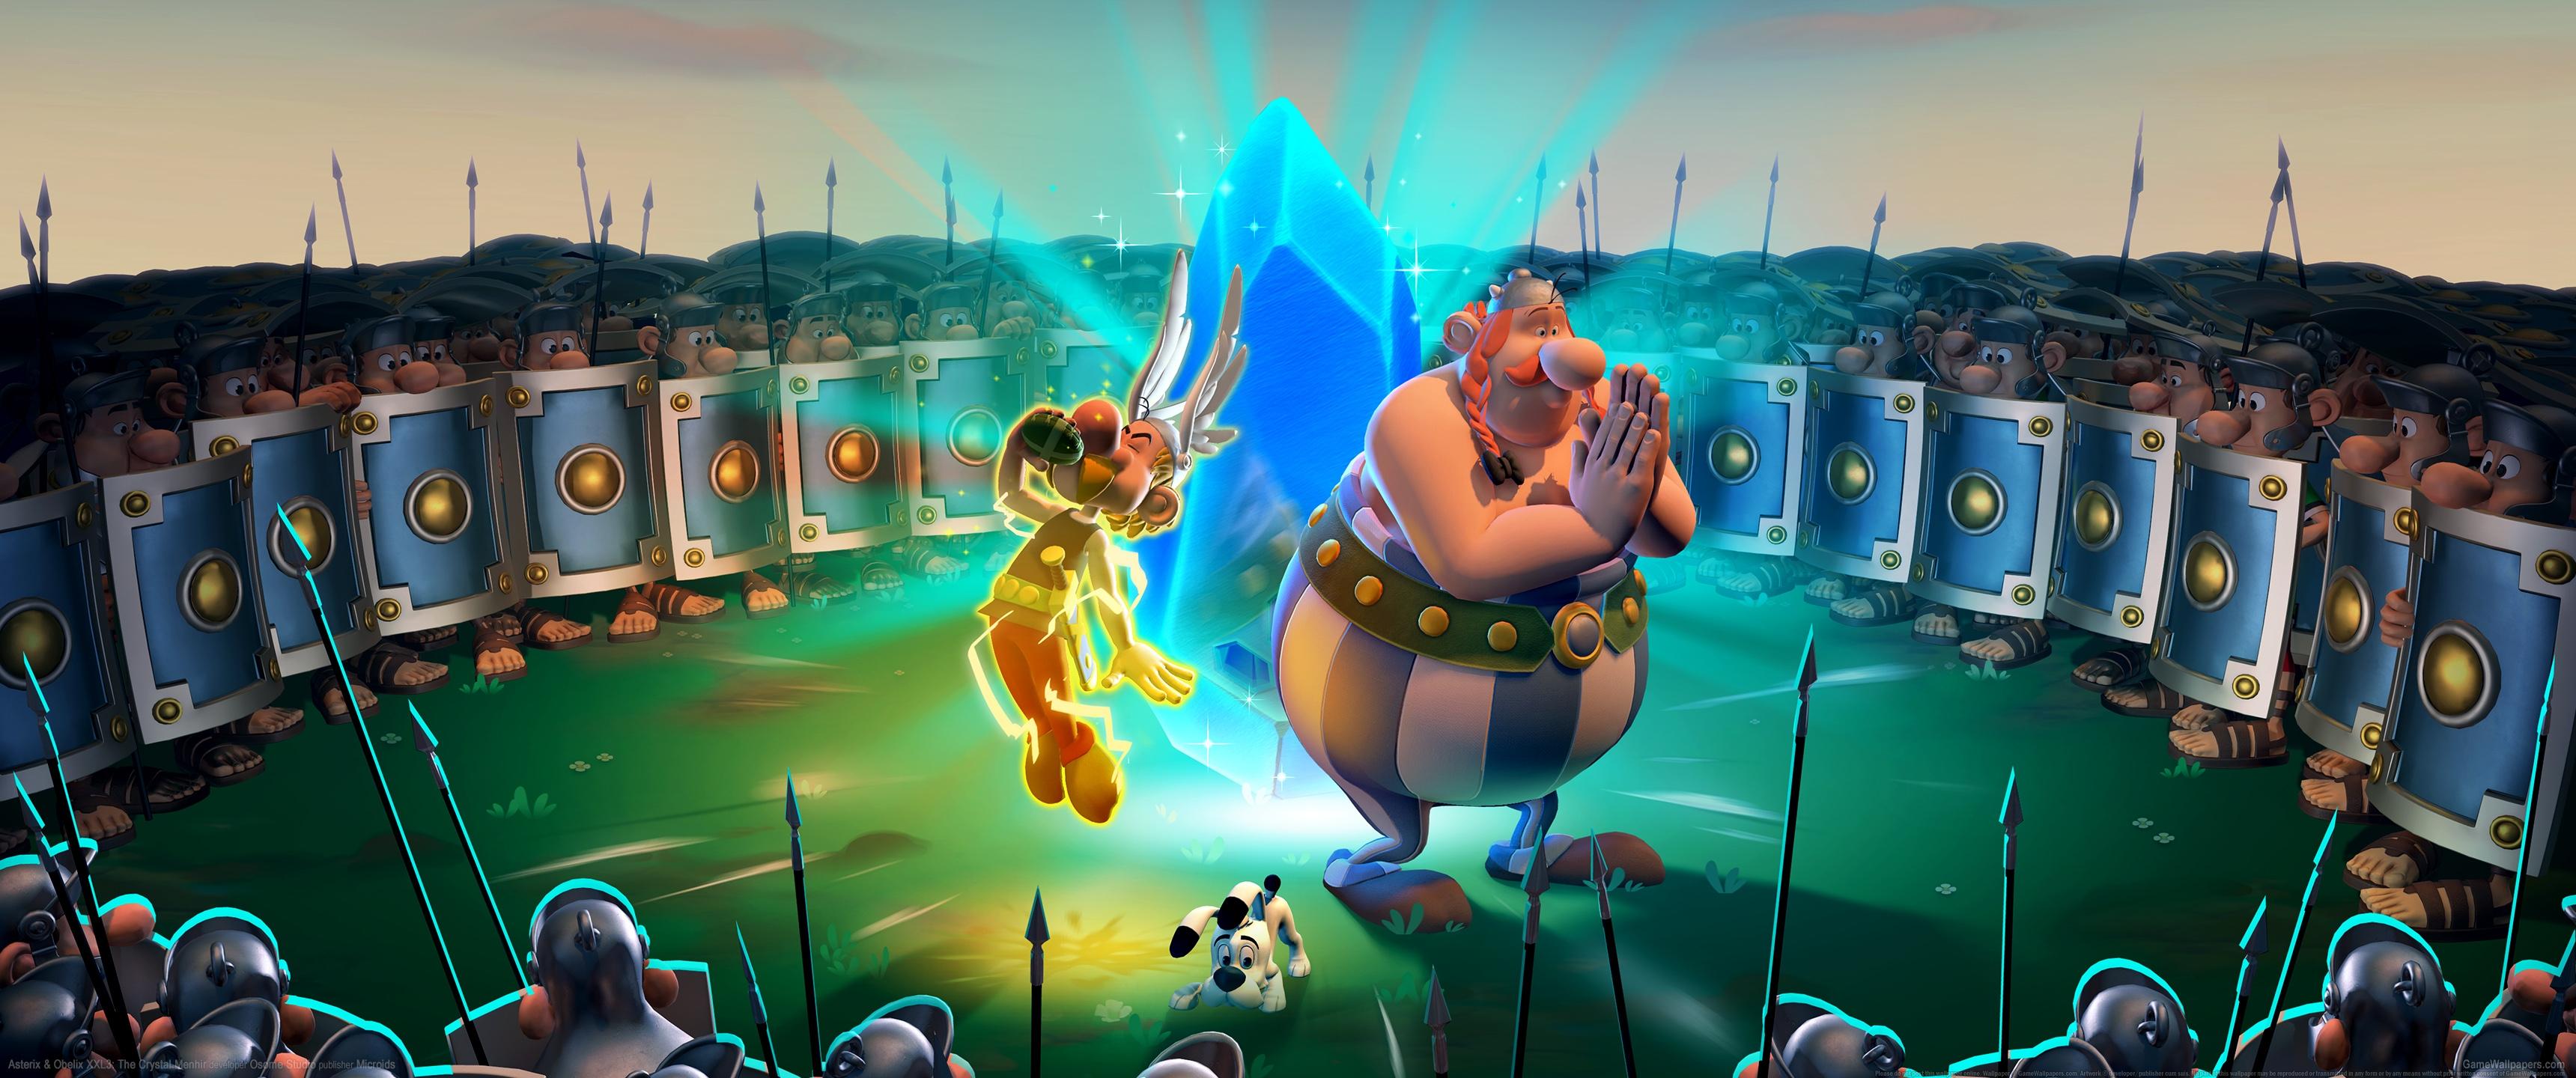 Asterix & Obelix XXL3: The Crystal Menhir 3440x1440 Hintergrundbild 01